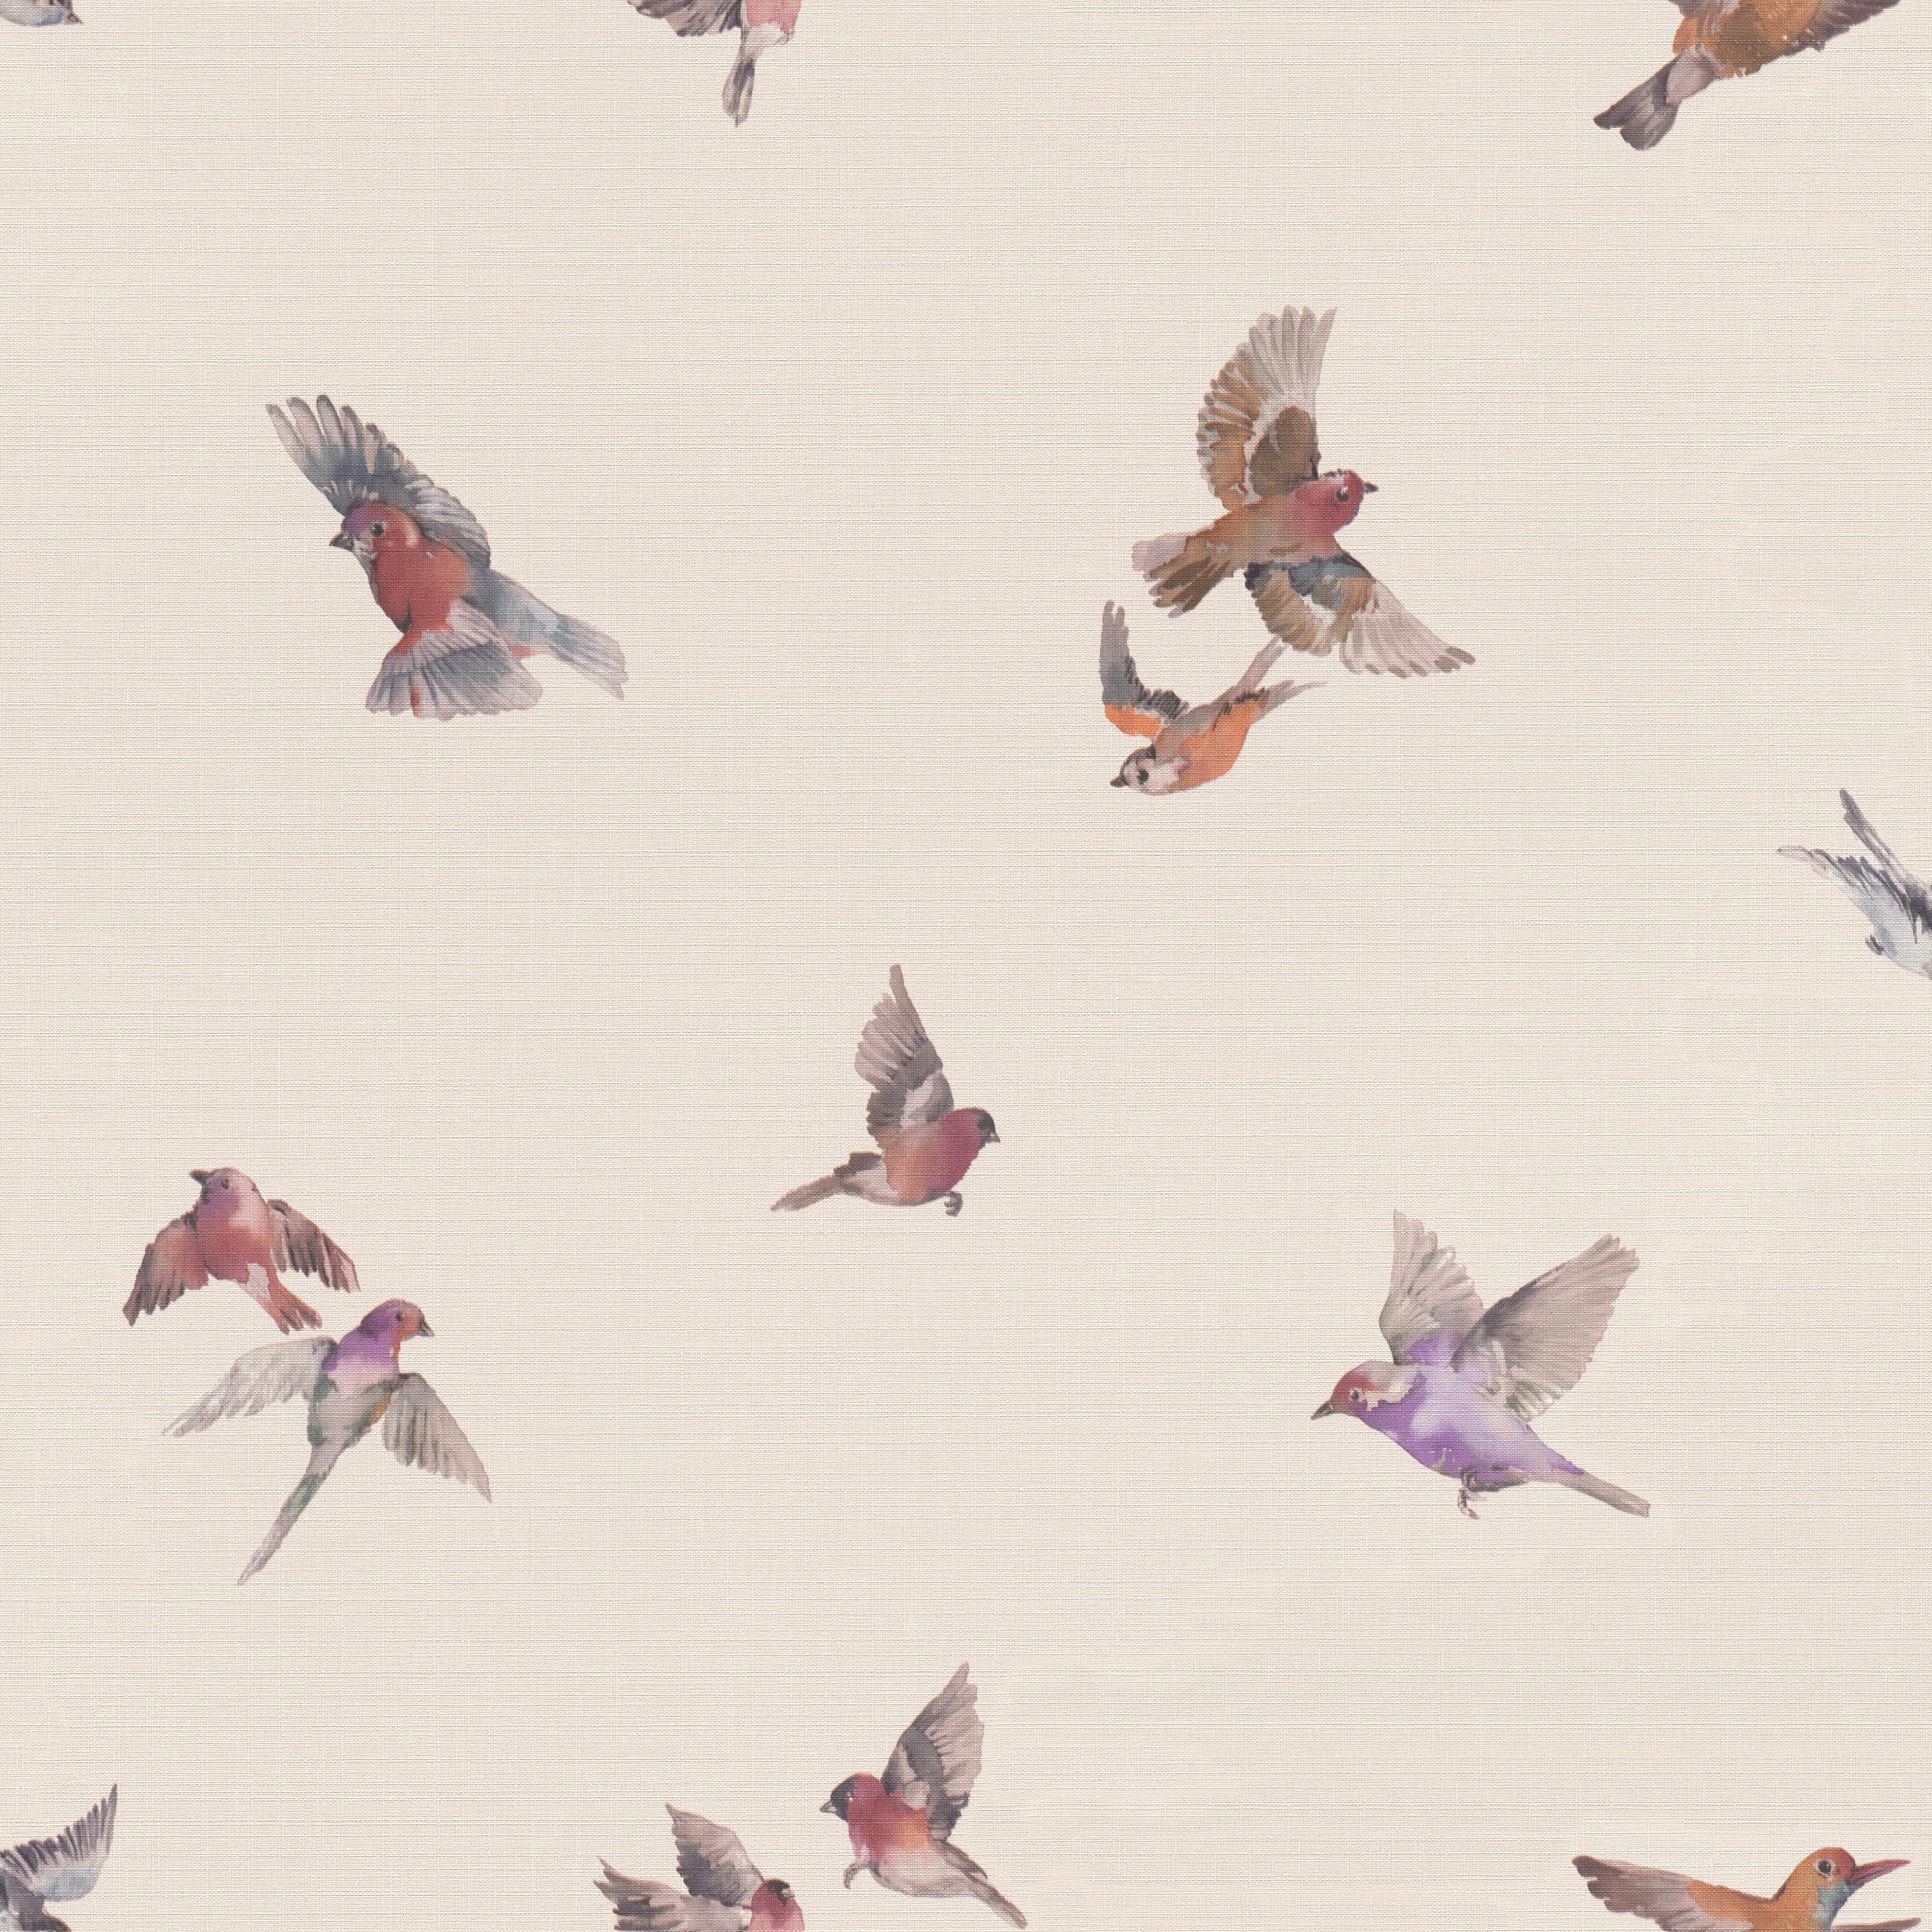 Vintage hangulatú madár mintás tapéta